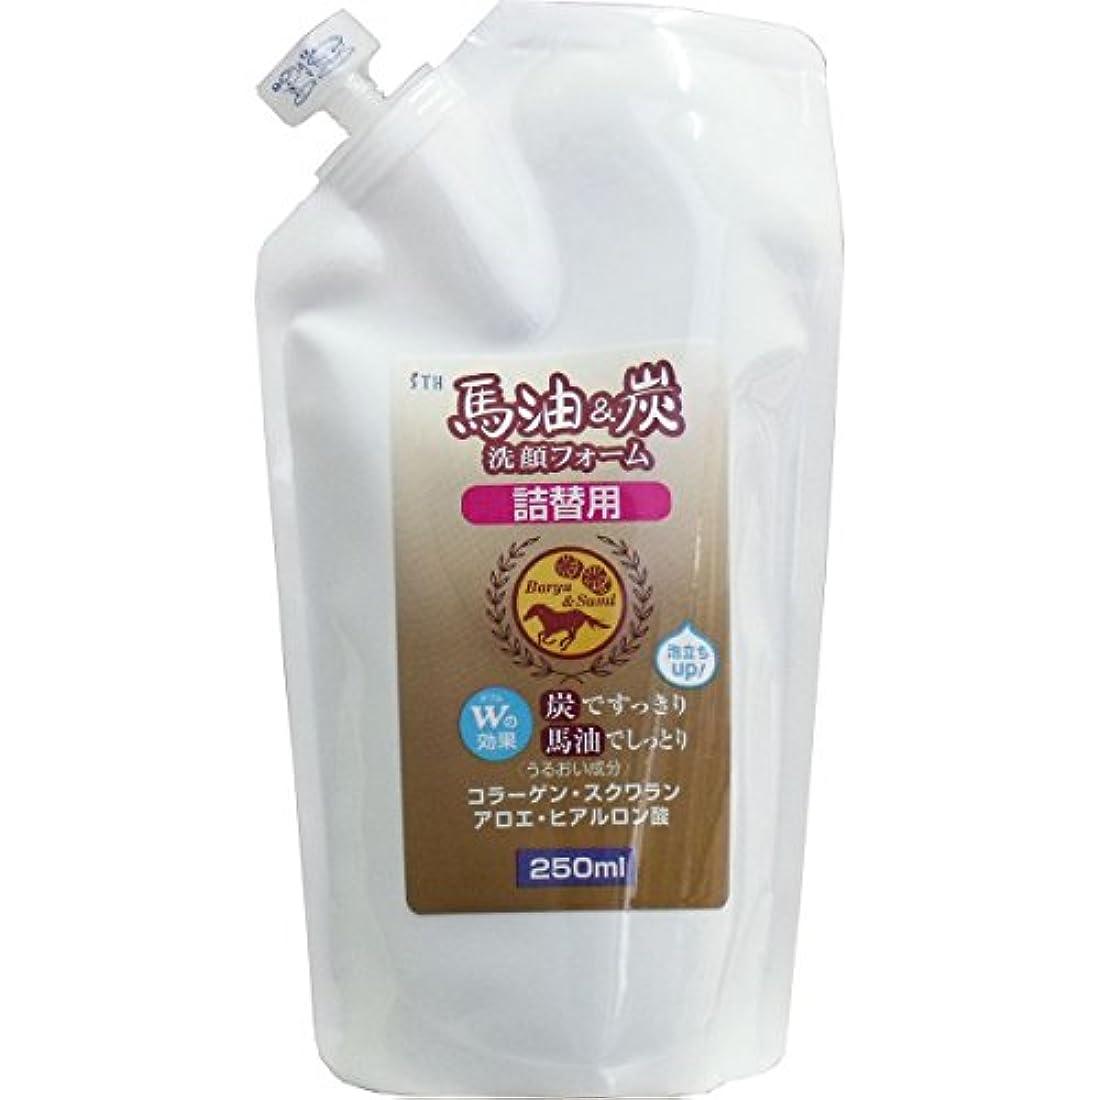 ペチュランス移植真面目な馬油&炭洗顔フォーム【詰替用250ml】×2袋